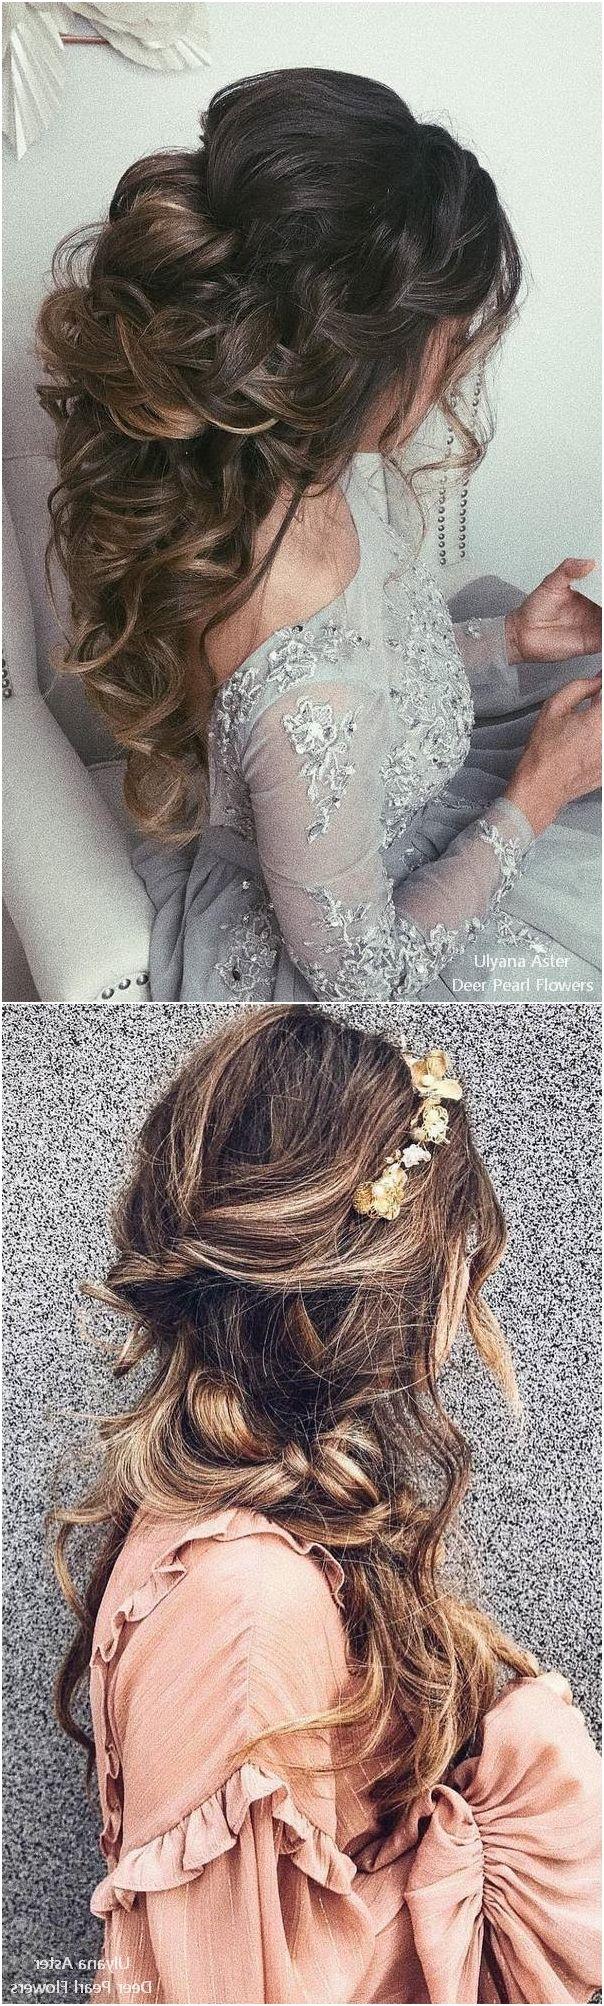 Top 25 Ulyana Aster Wedding Hairstyles #weddings #weddinghairstyles #dpf #deerpe...